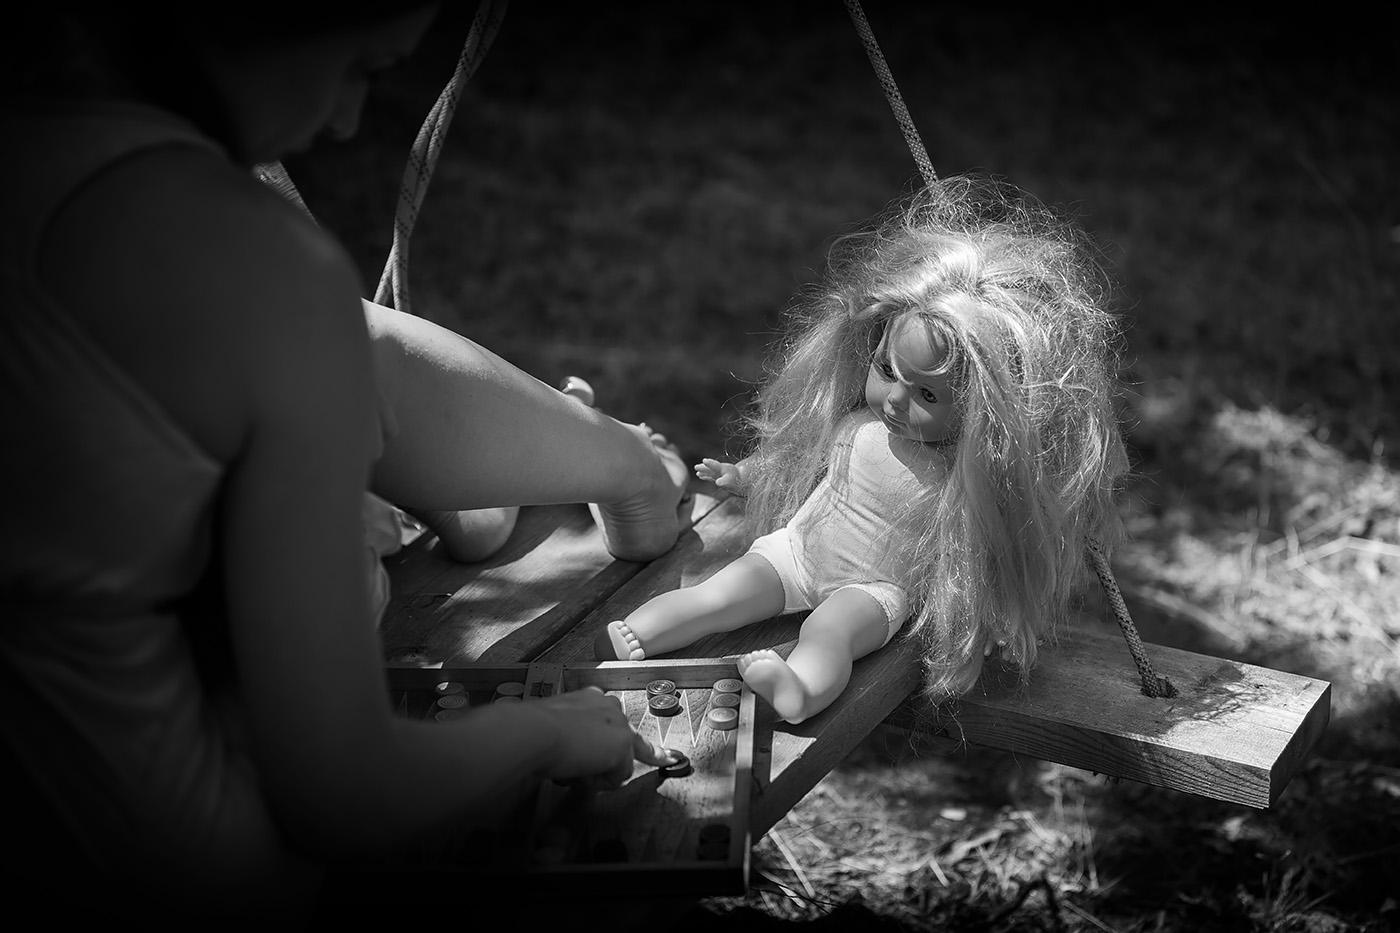 Frau spielt mit Puppe Backgammon sw